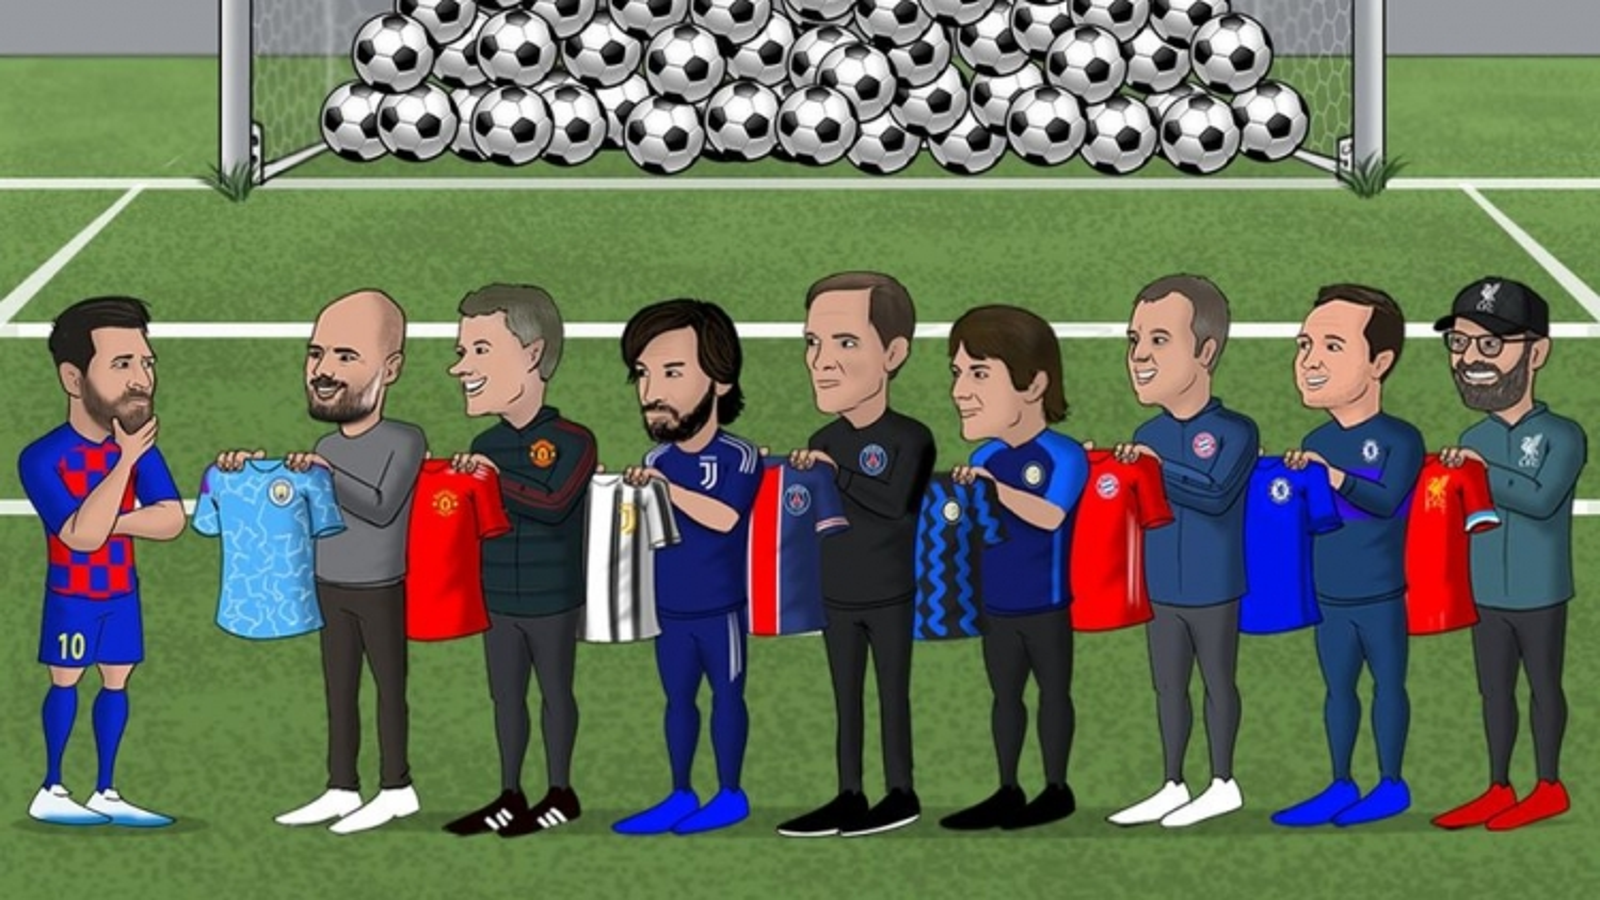 """Biếm họa 24h: MU và những ông lớn xếp hàng """"dụ dỗ"""" Messi"""